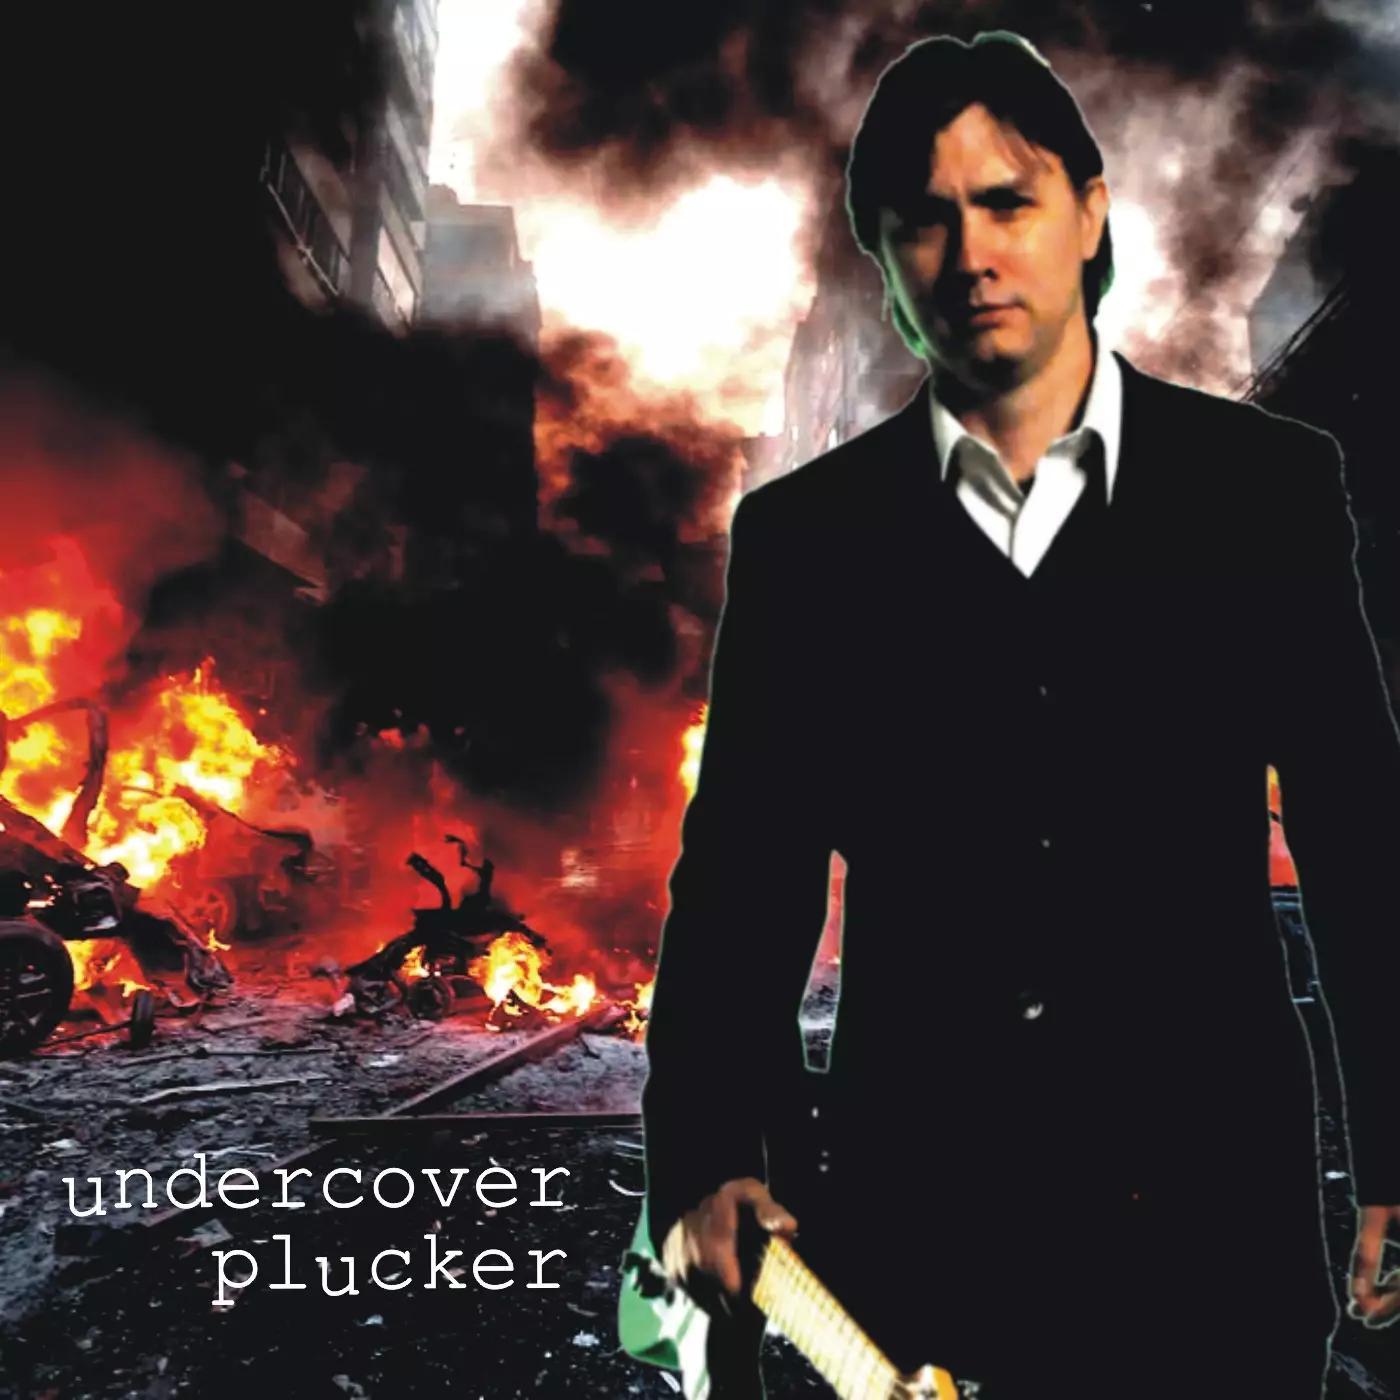 undercover_plucker